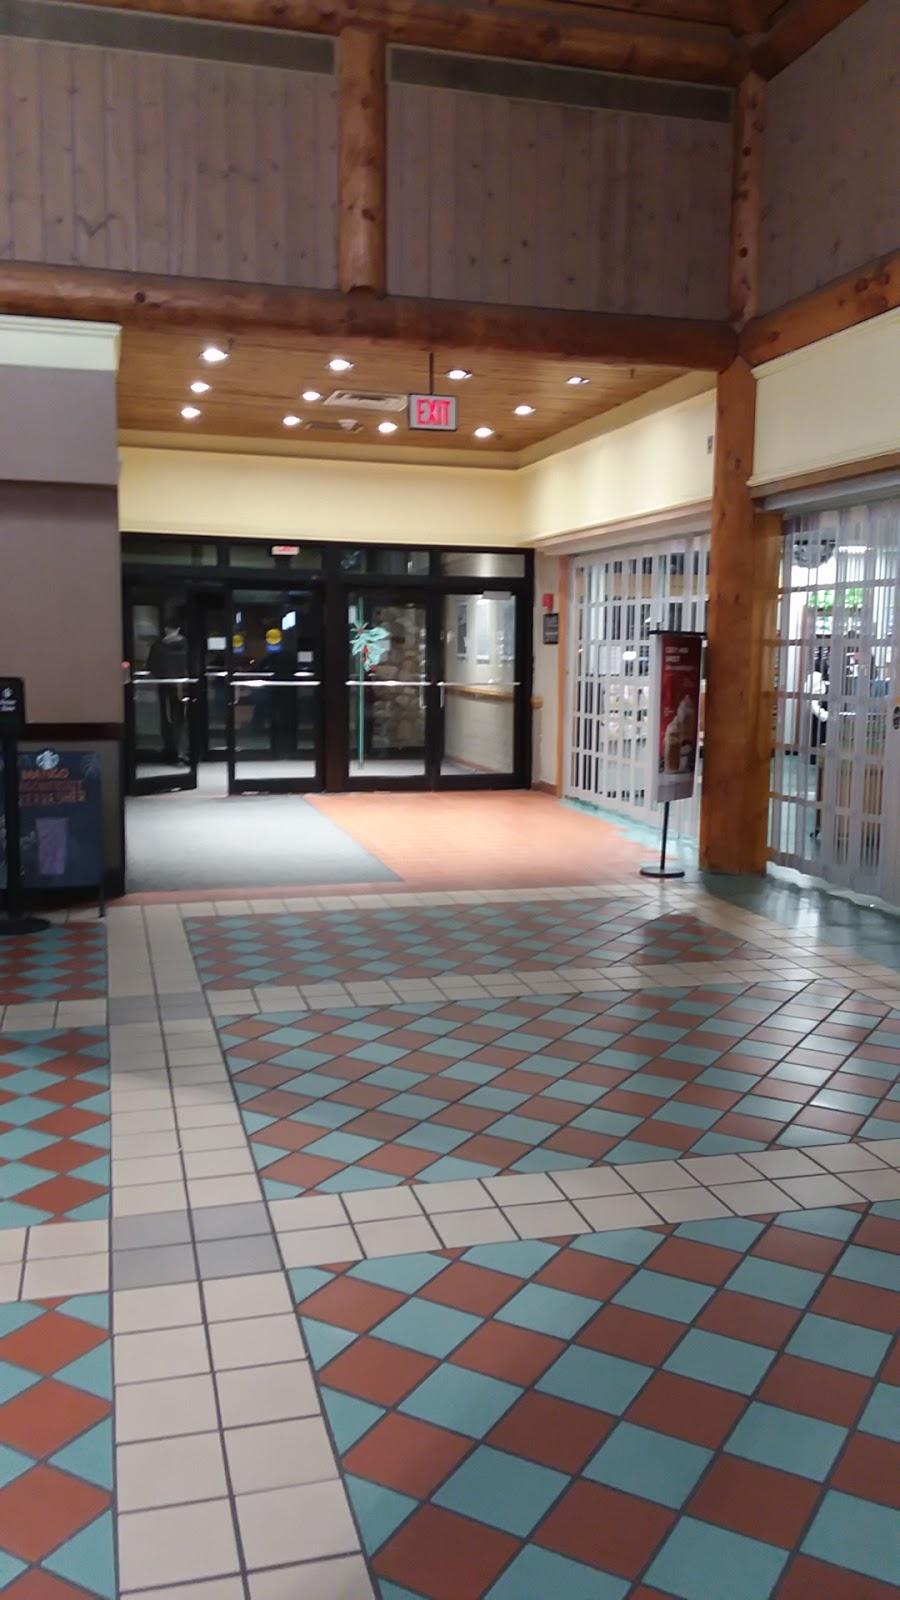 Brioche Dorée - cafe  | Photo 4 of 5 | Address: 6474 I-87, Wallkill, NY 12589, USA | Phone: (845) 564-5160